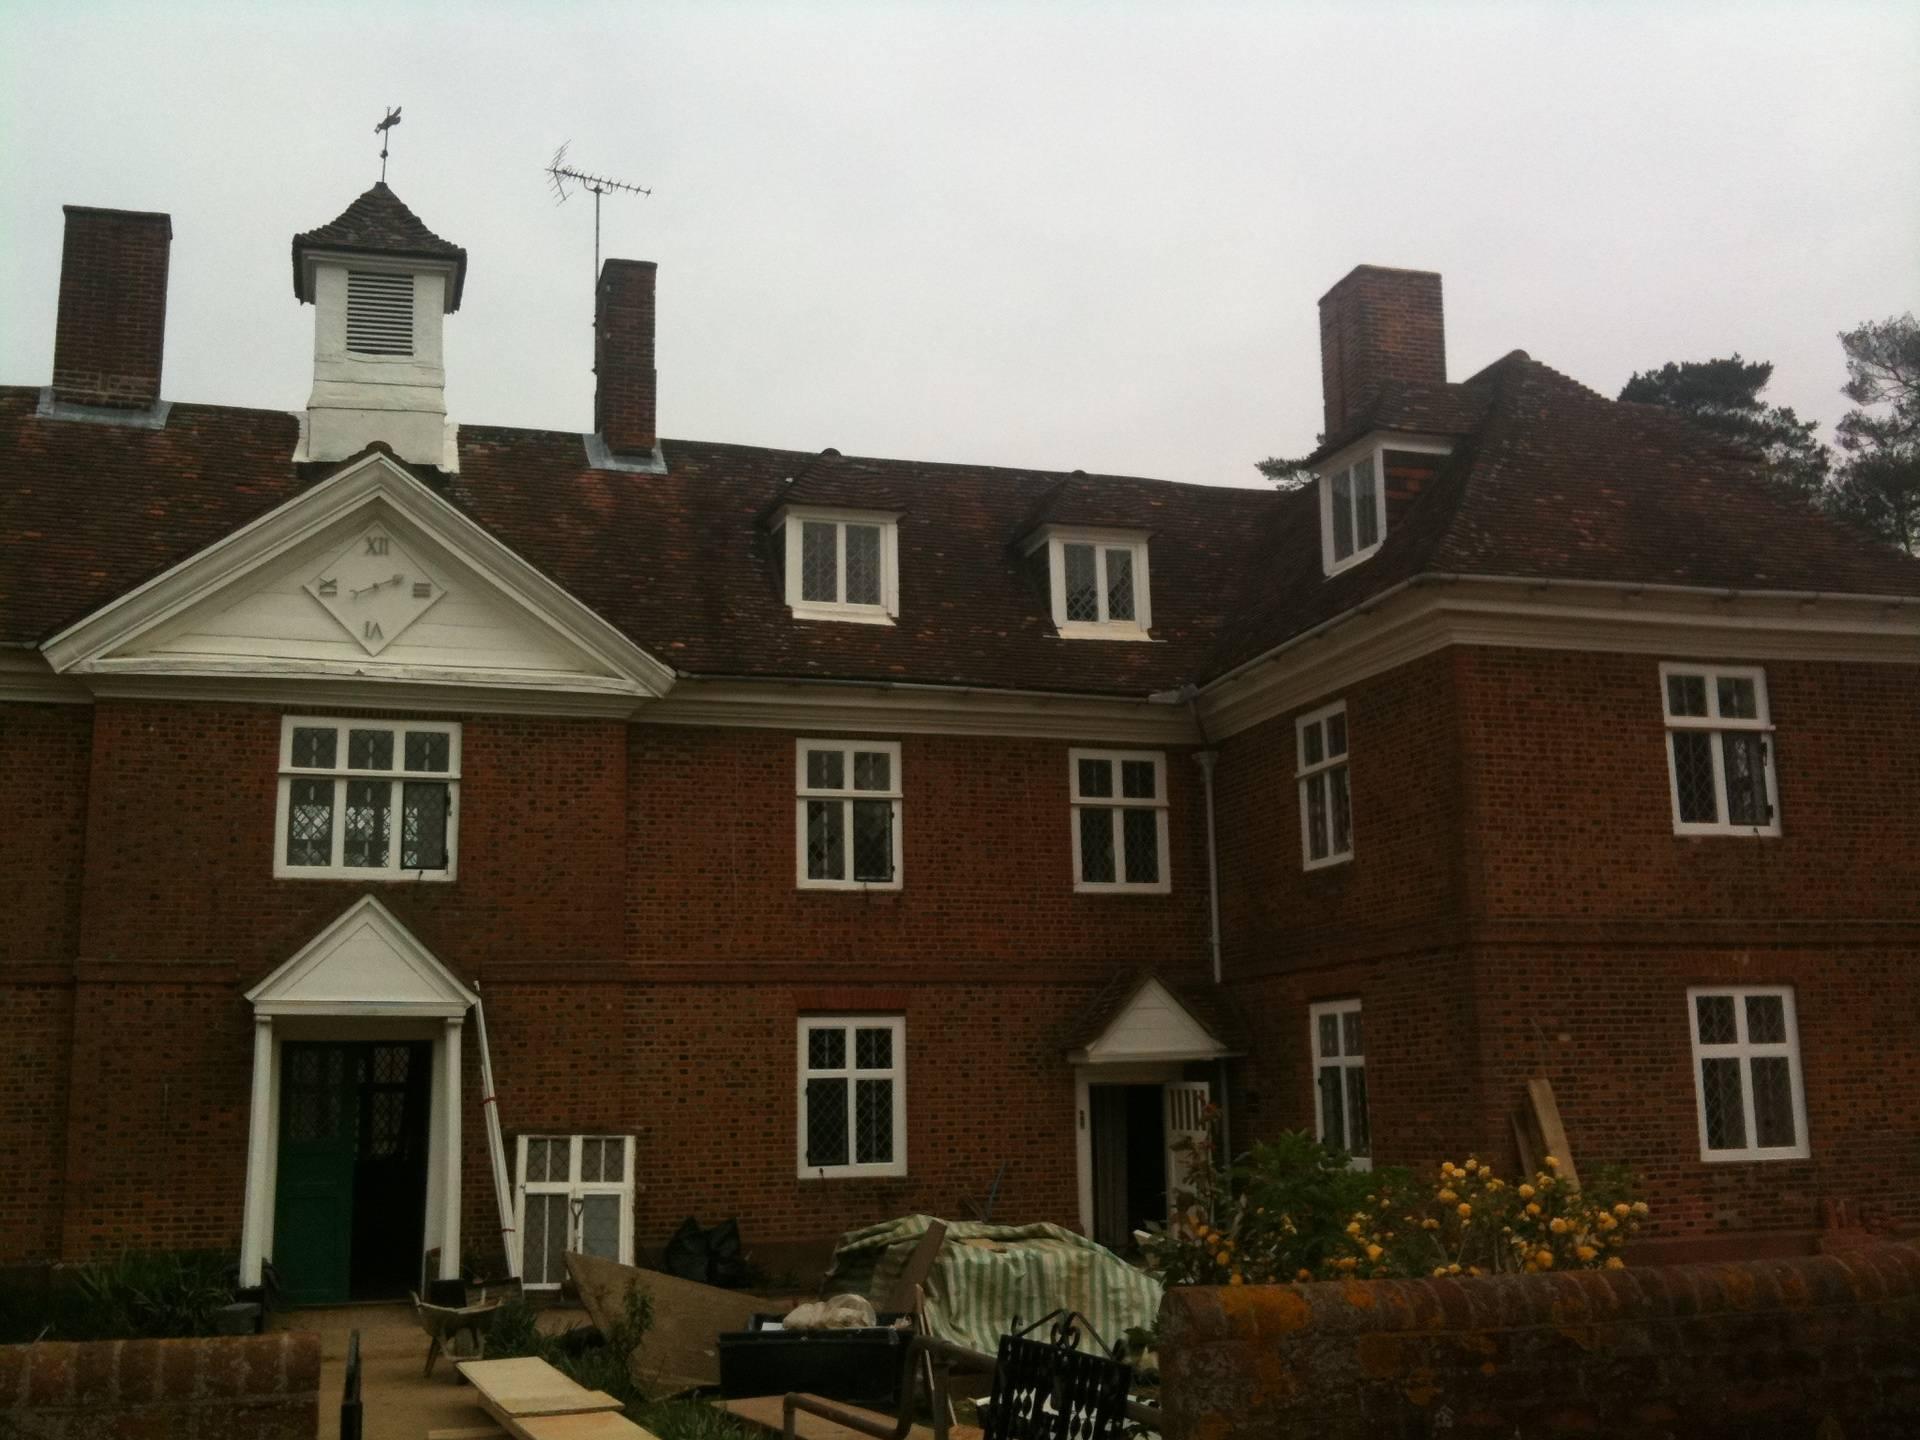 John Cross' Alms Houses refurbishment Ampthill